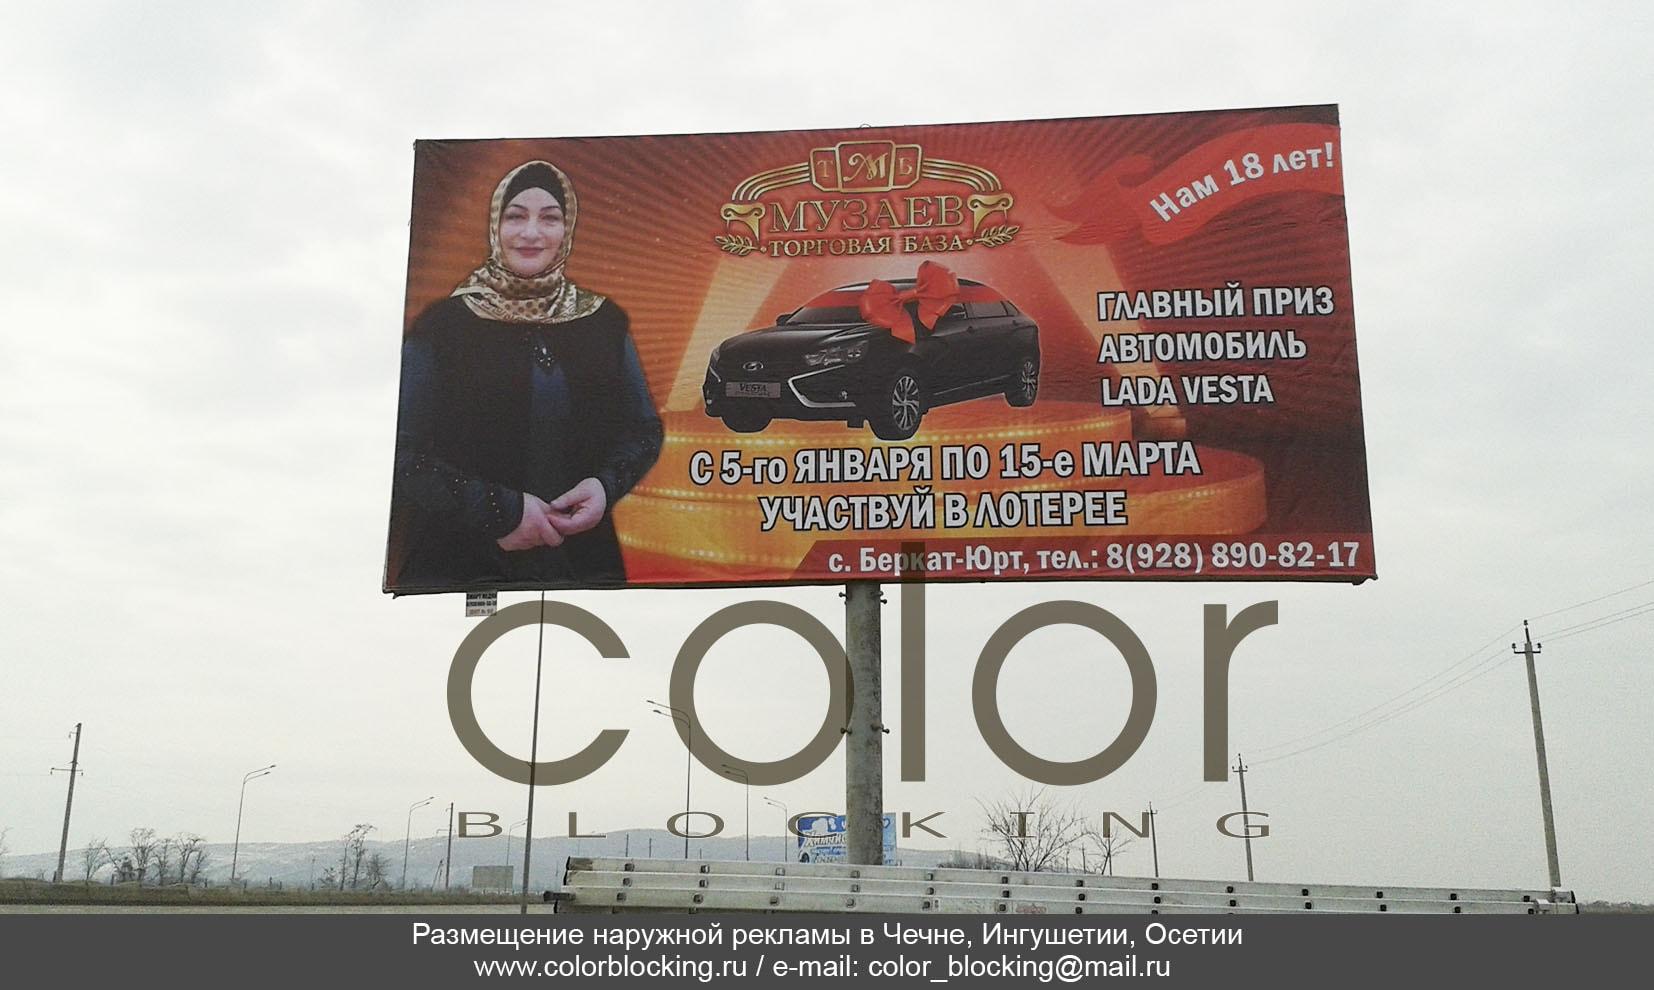 Чечня рекламные щиты билборд